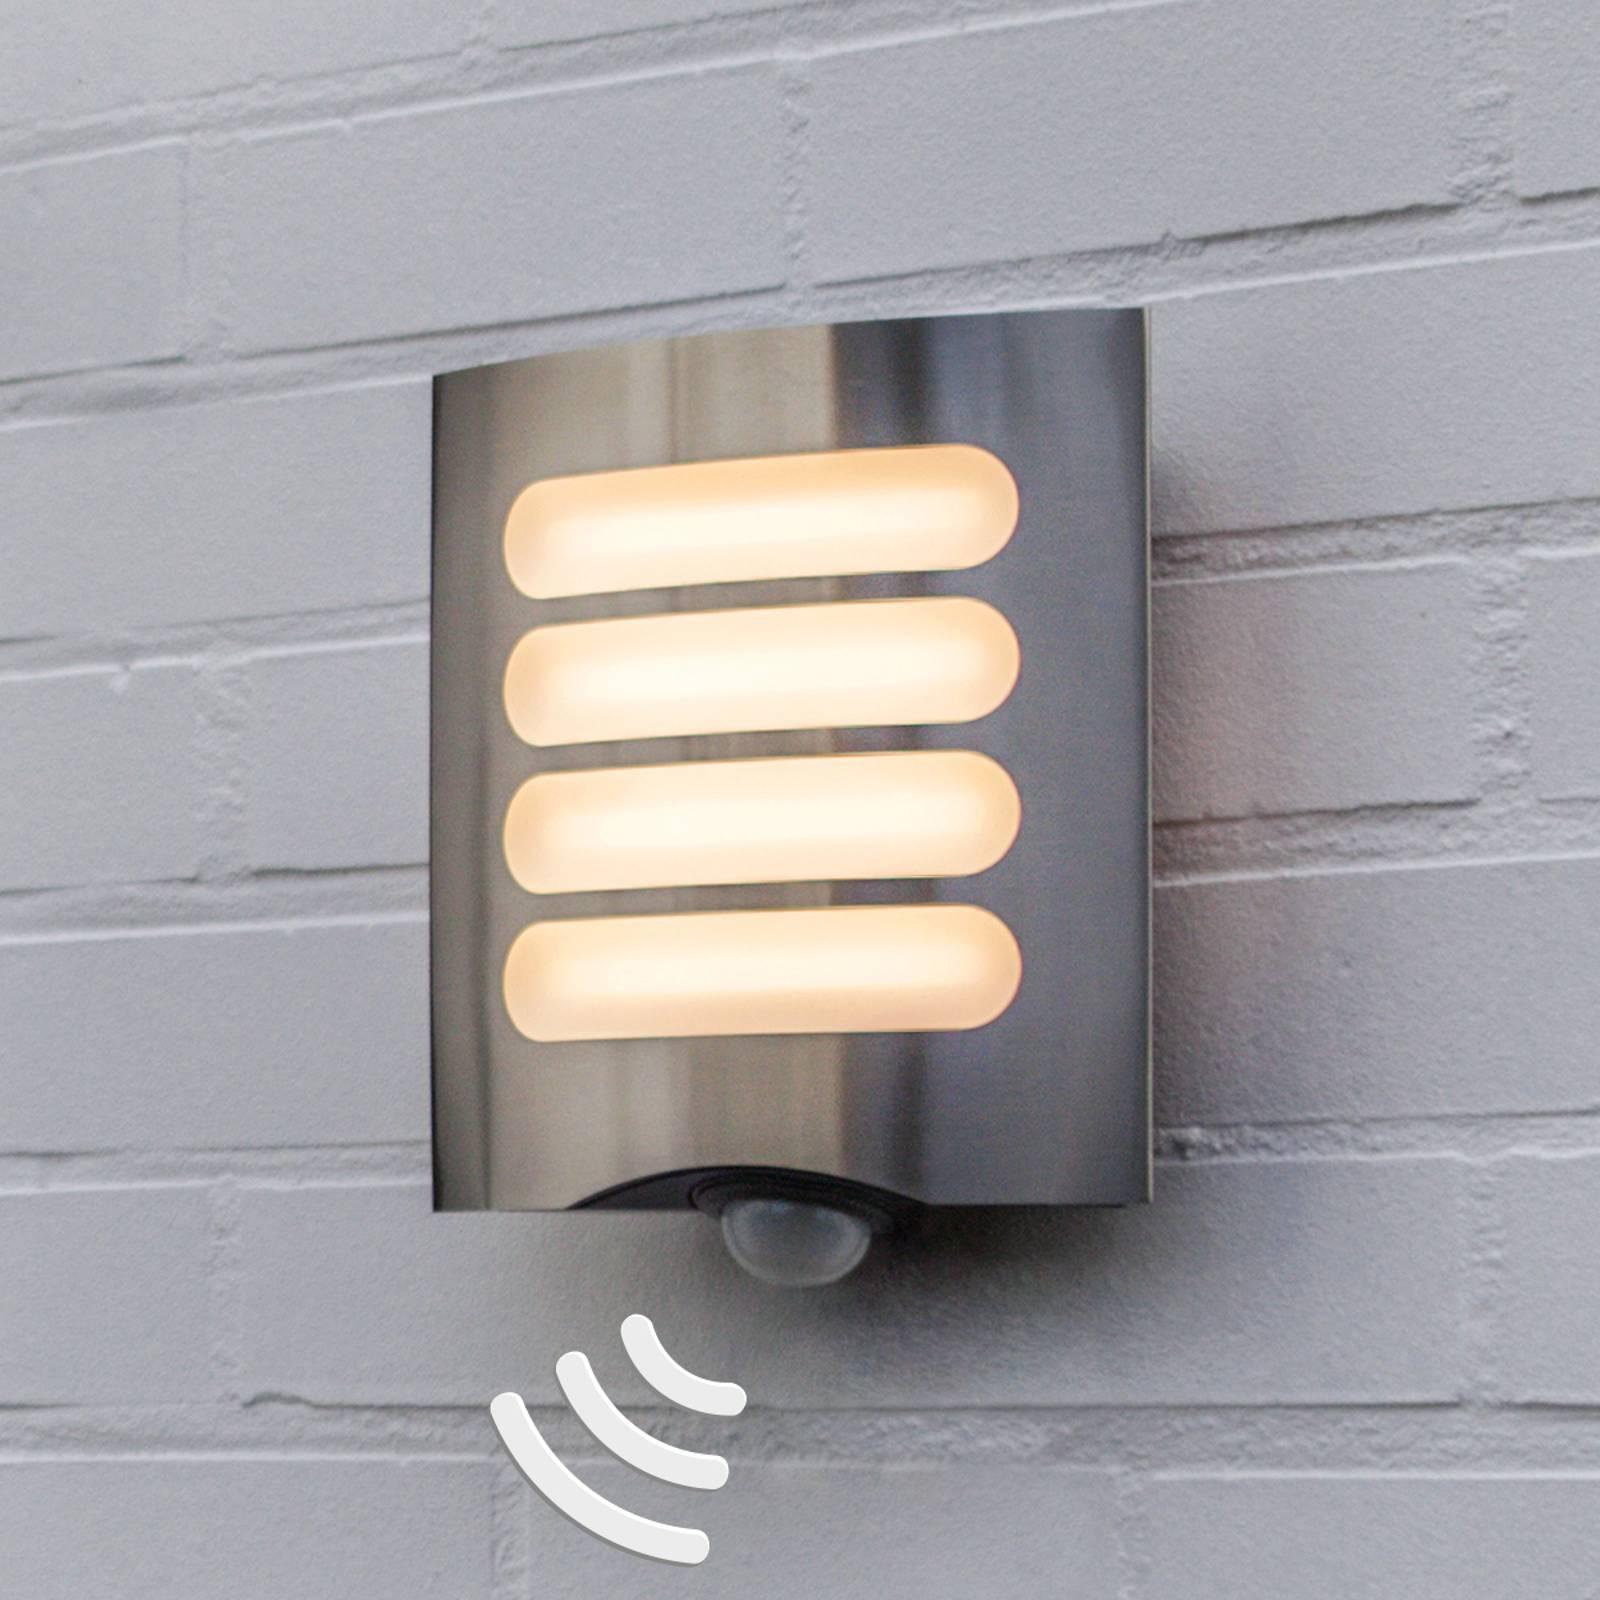 Sensor-buitenwandlamp Farell, onderverdeeld scherm